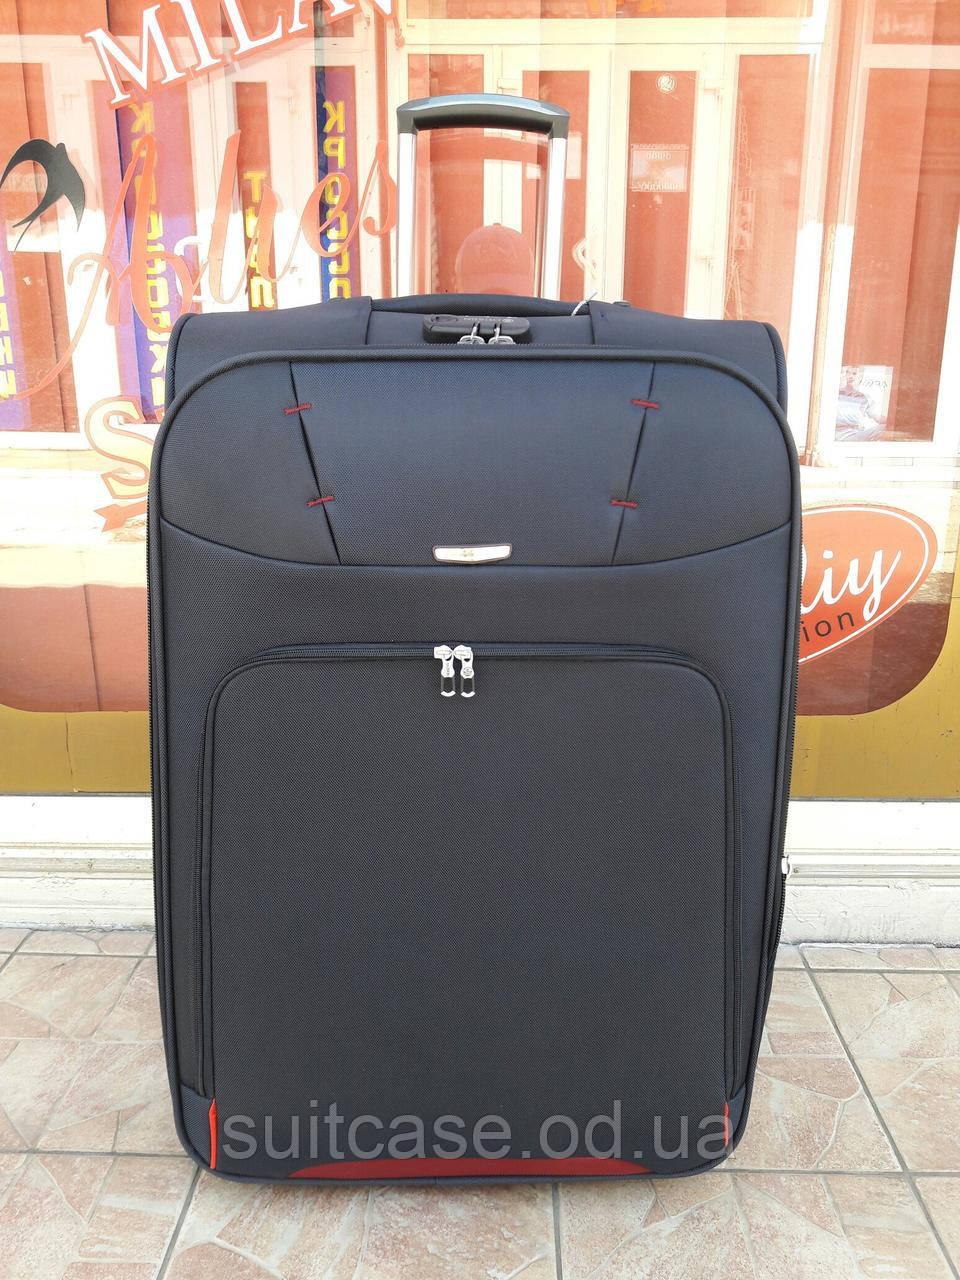 49d91f2678e2 Сверхпрочный чемодан Premium class Ousen большой! синий , Одесса -  Интернет-магазин